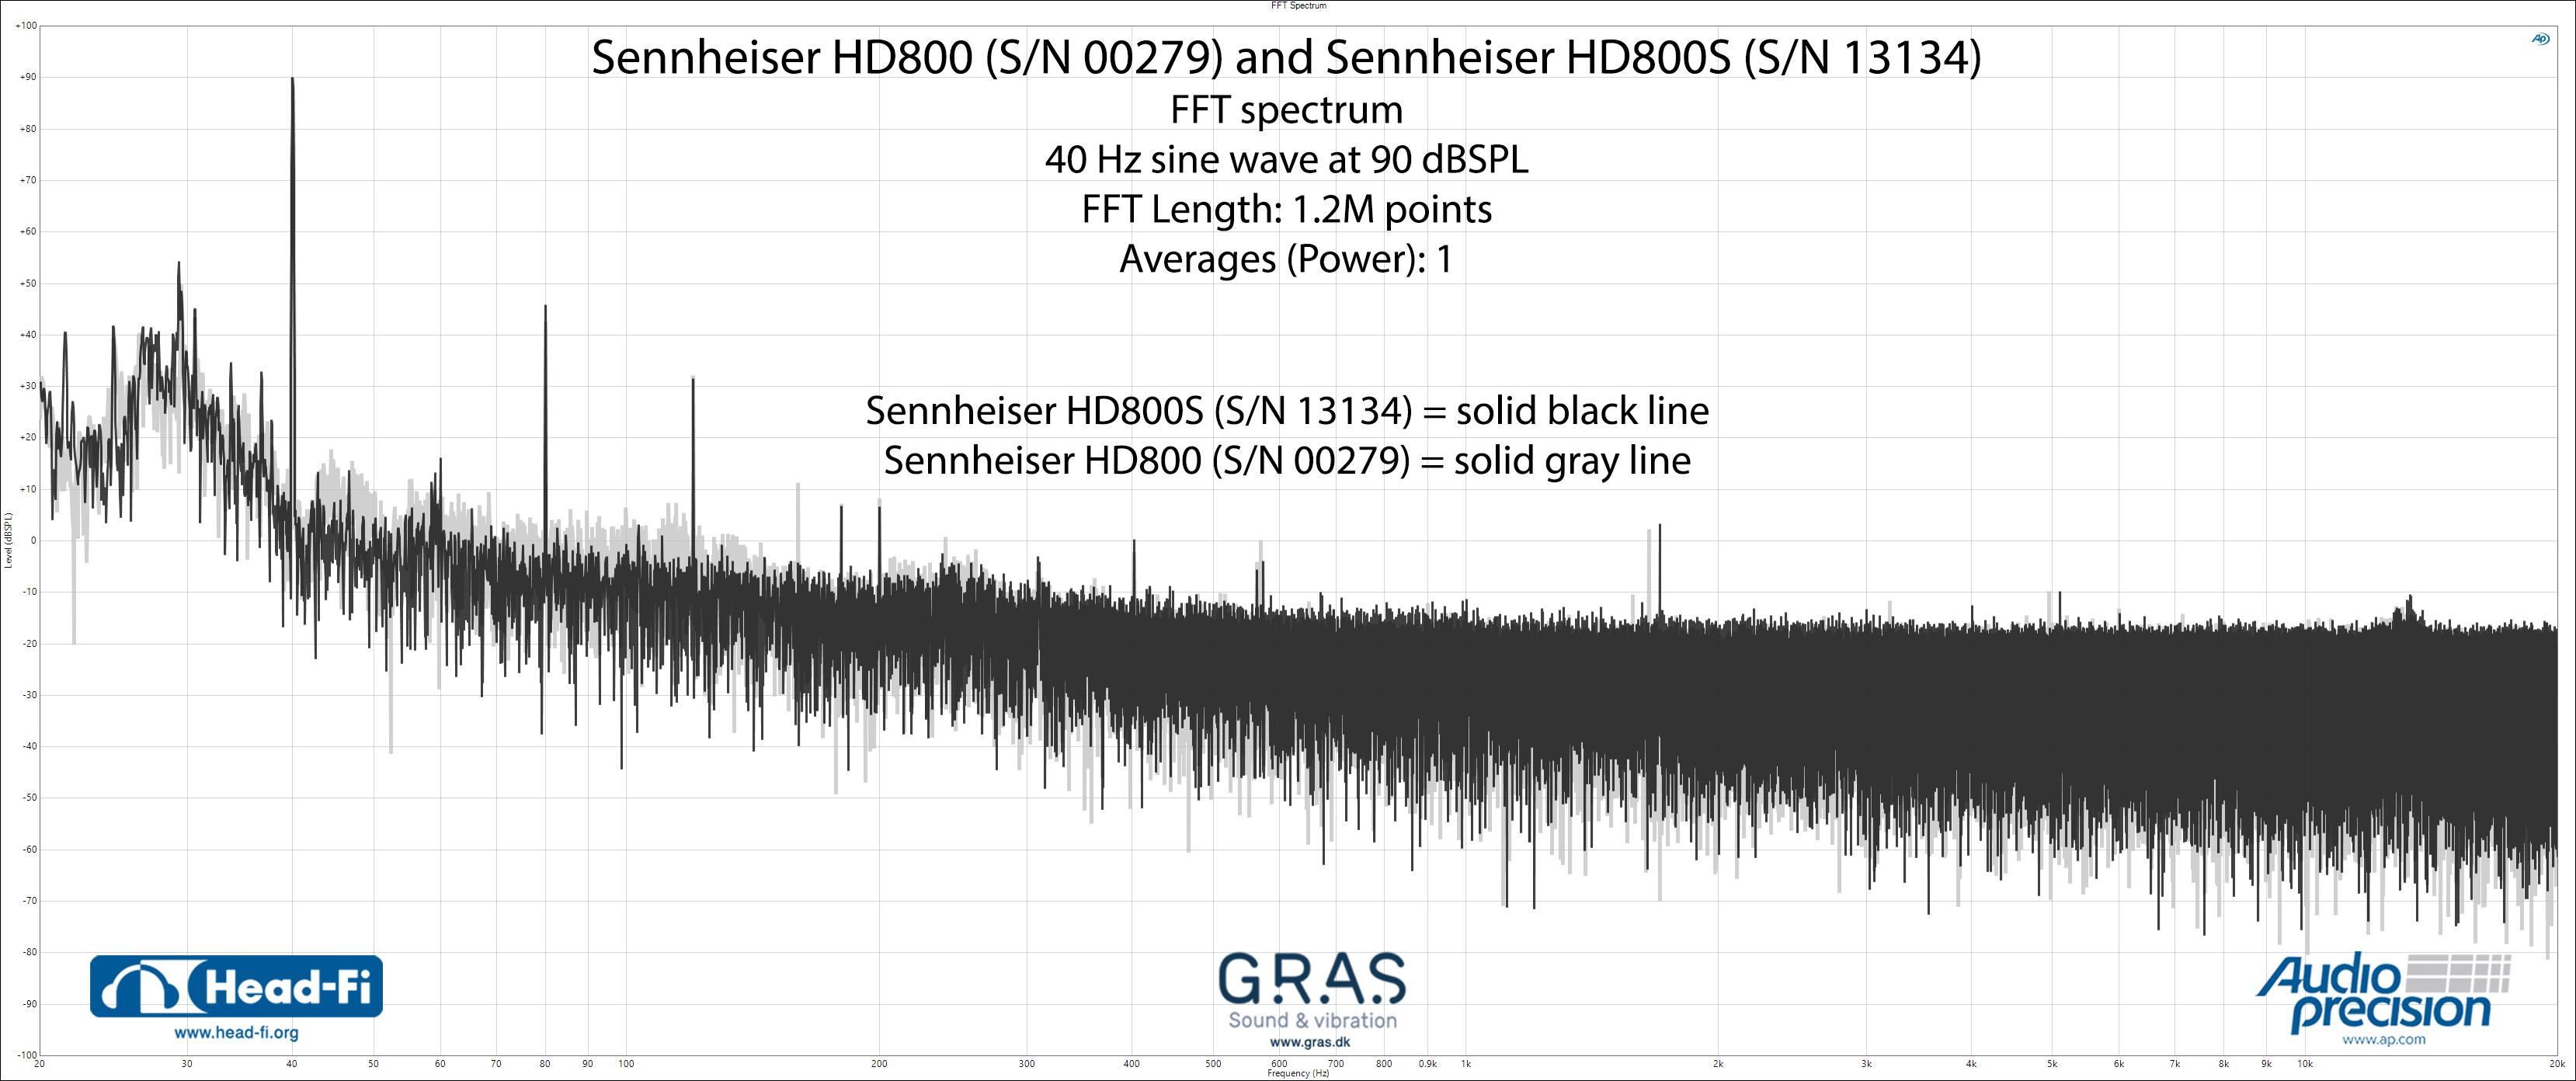 FFT-Spectrum---HD800S-(13134)-versus-HD800-(00279)---1.jpg